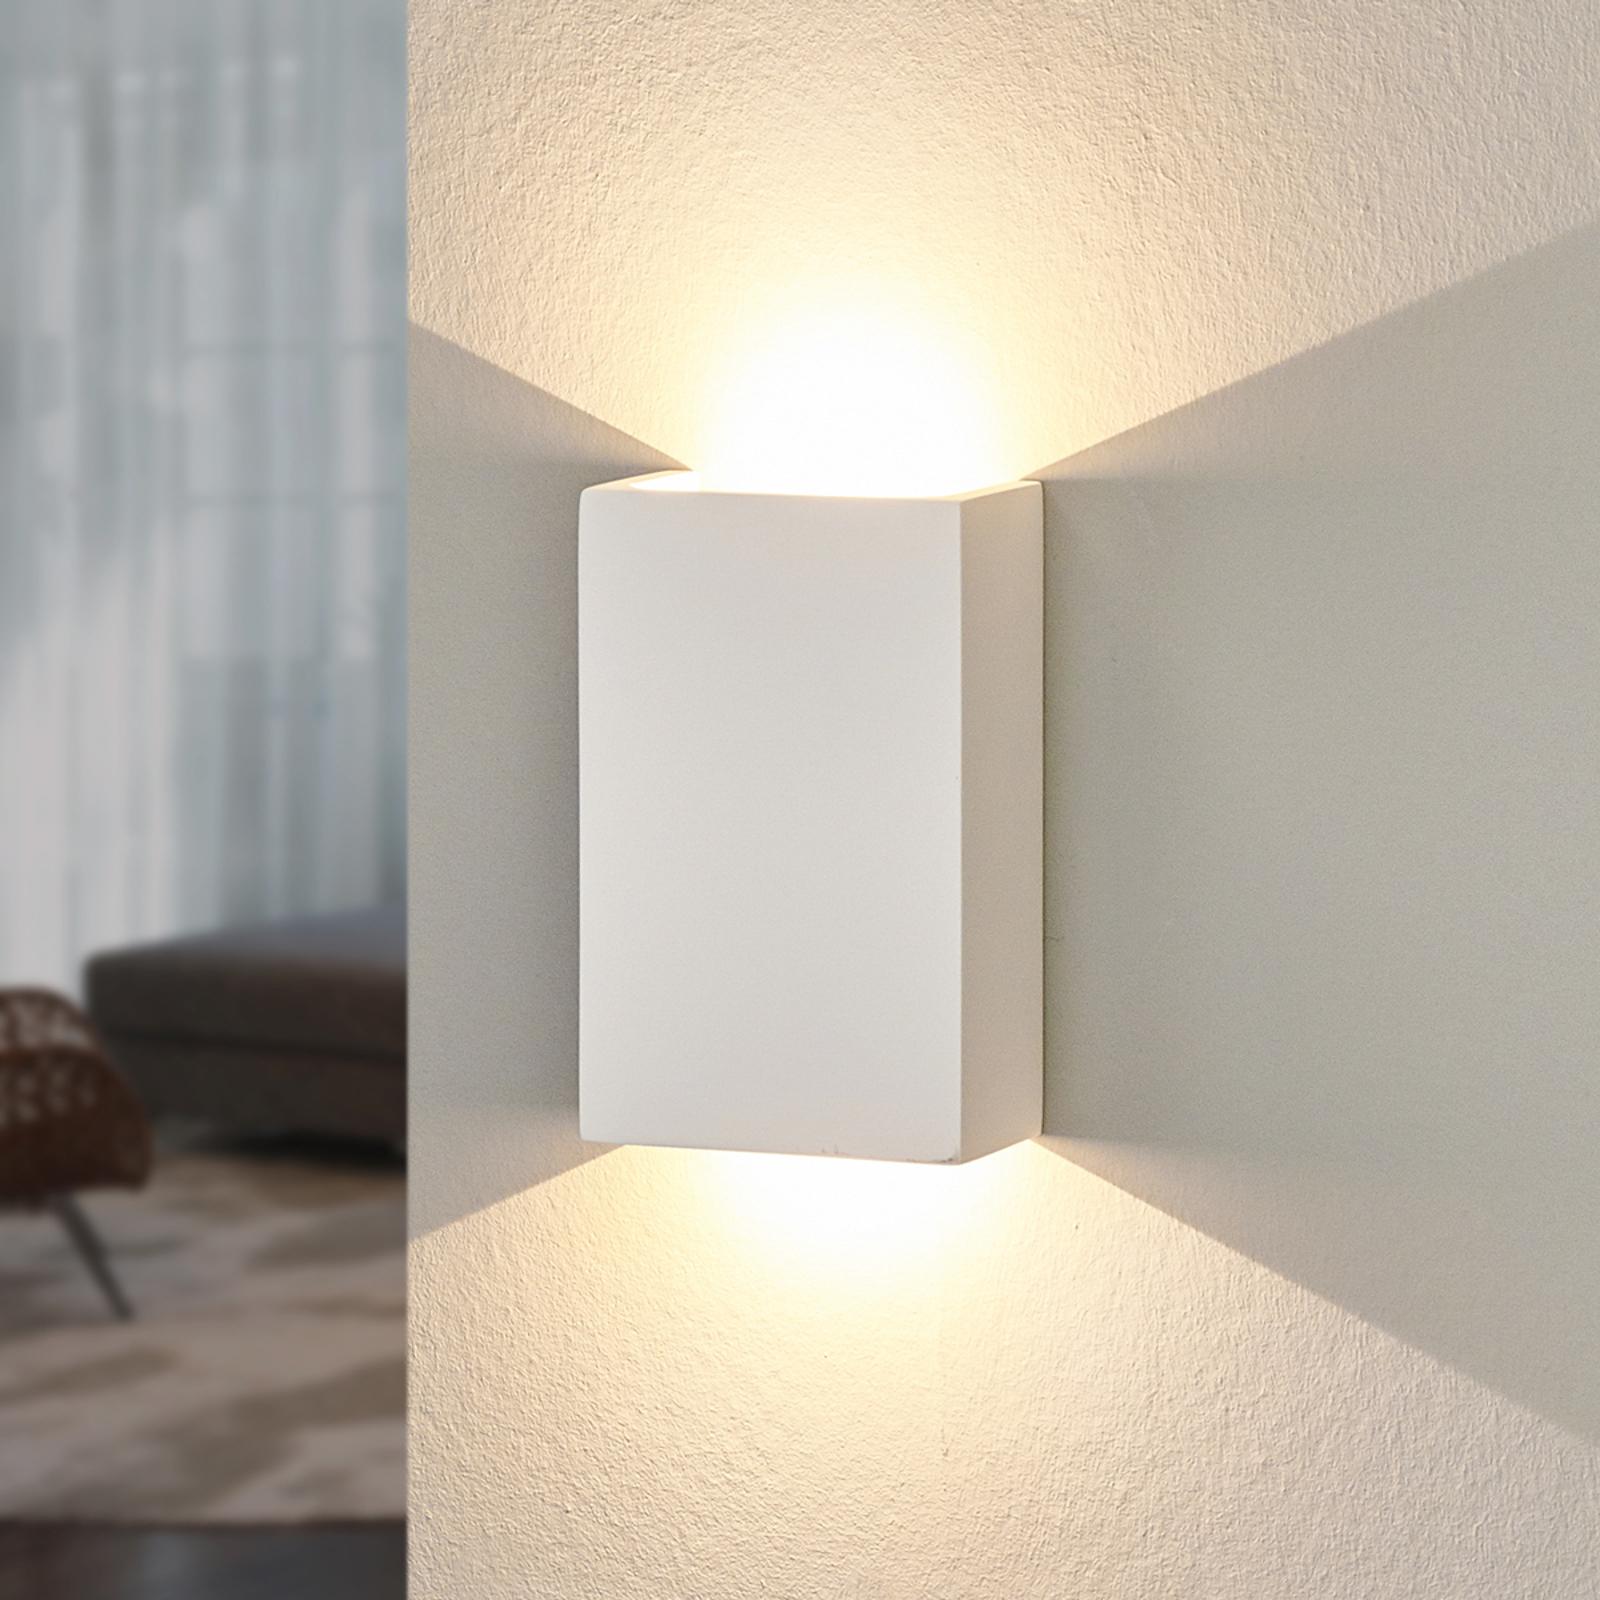 Fabiola-LED-seinävalaisin kipsiä, korkeus 16 cm